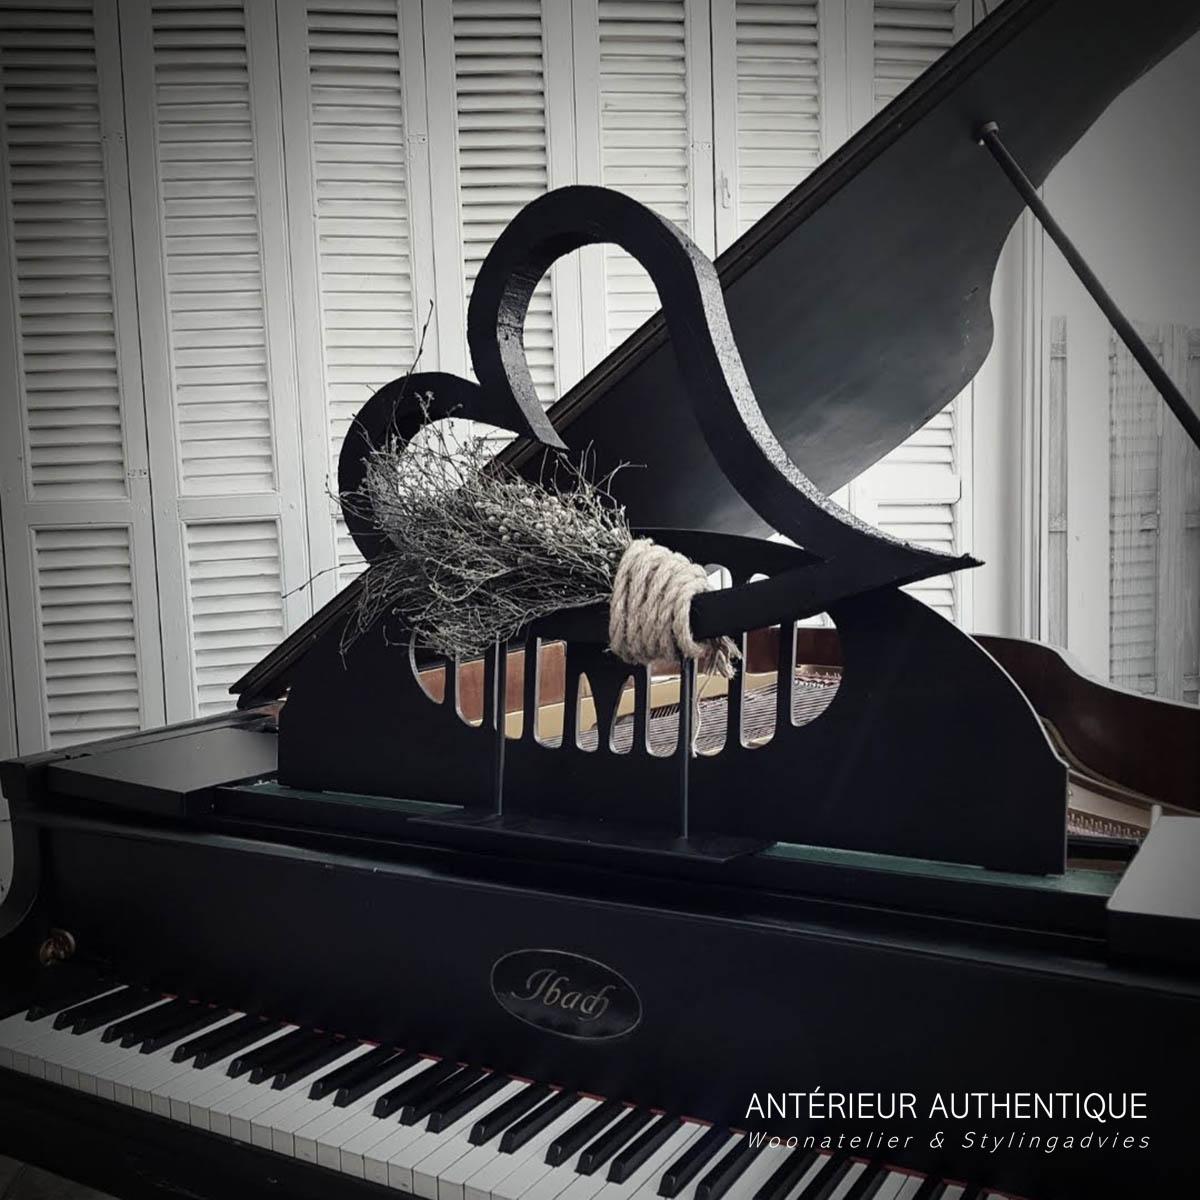 Afbeelding van Valentijnshart op statief als indexfoto voor webshop Antérieur Authentique op piano